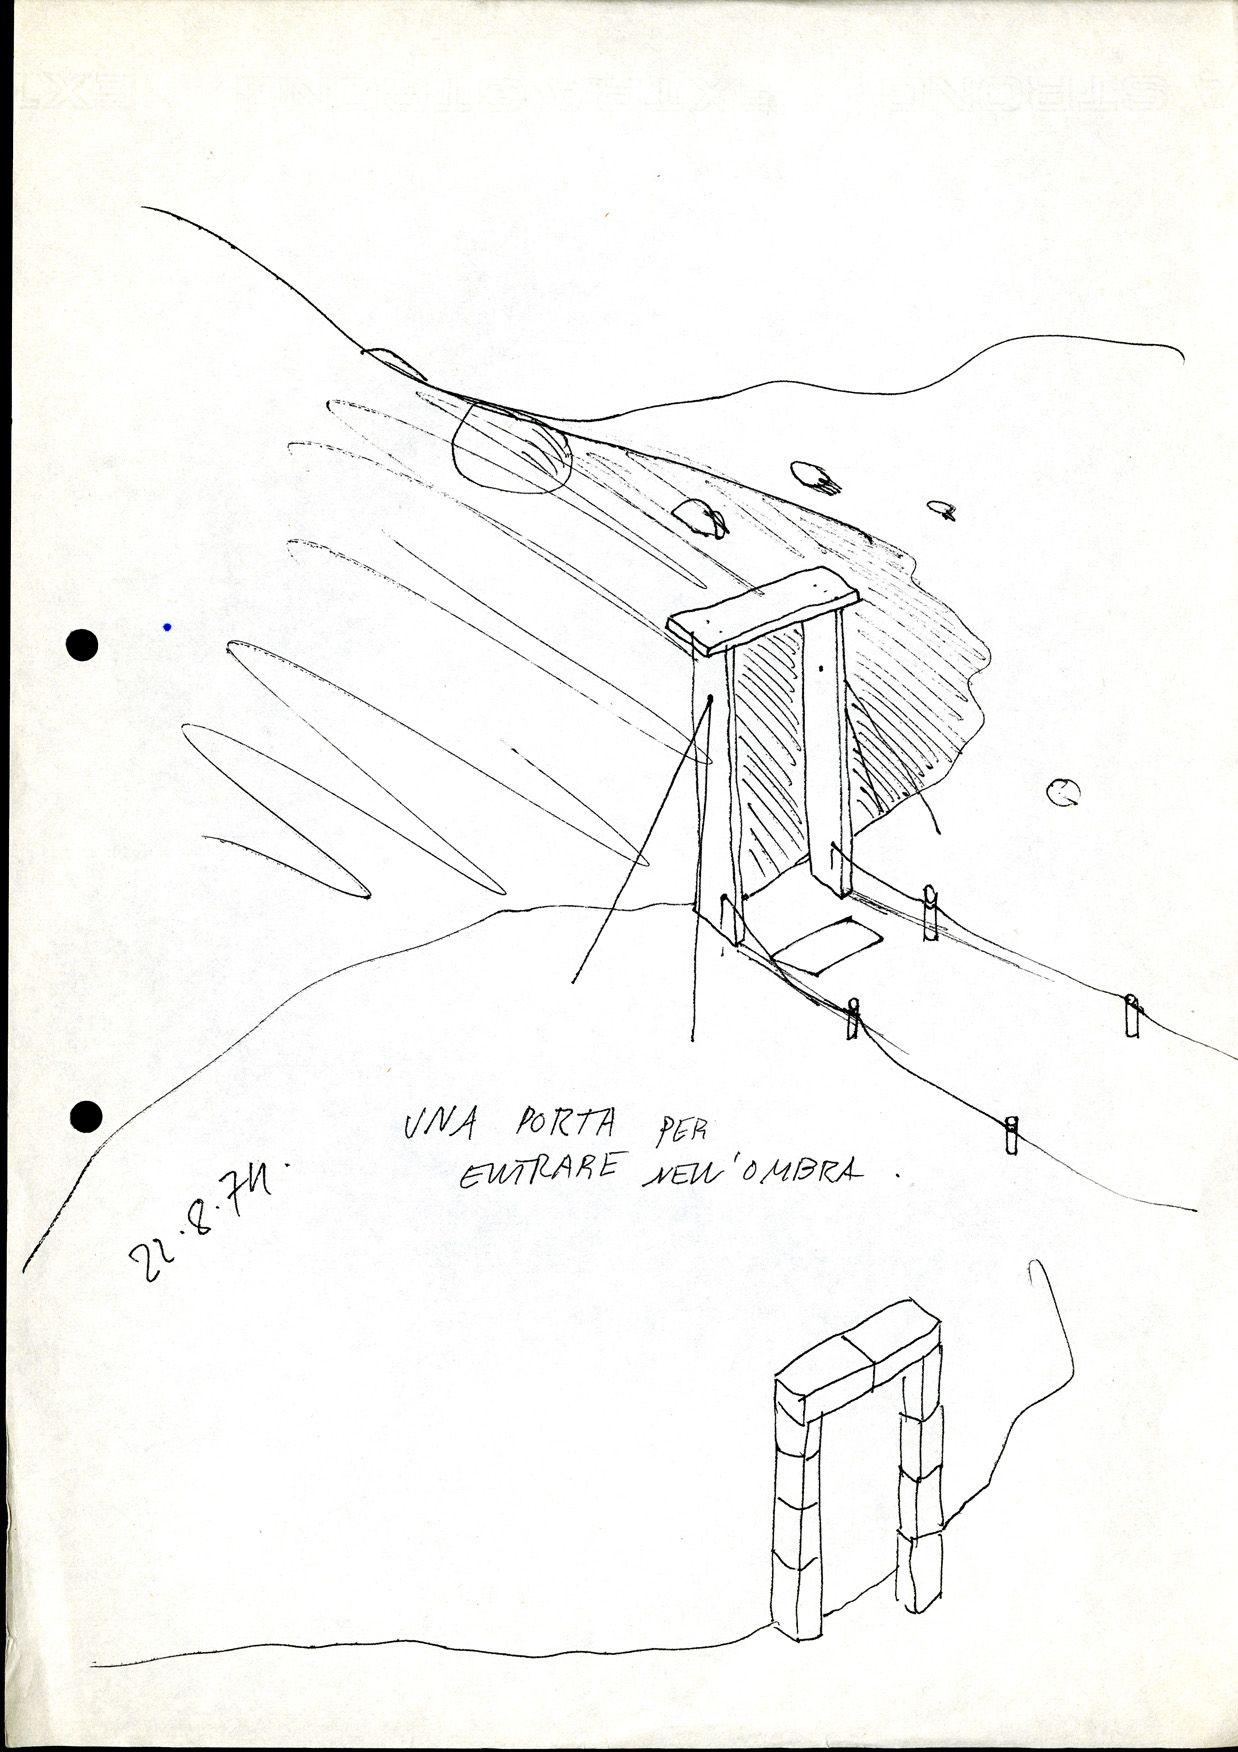 Design Methaphors, Ettore Sottsass, 1974, courtesy Collezione Privata / Ettore Sottsass / Dall'Austerità alla Partecipazione.